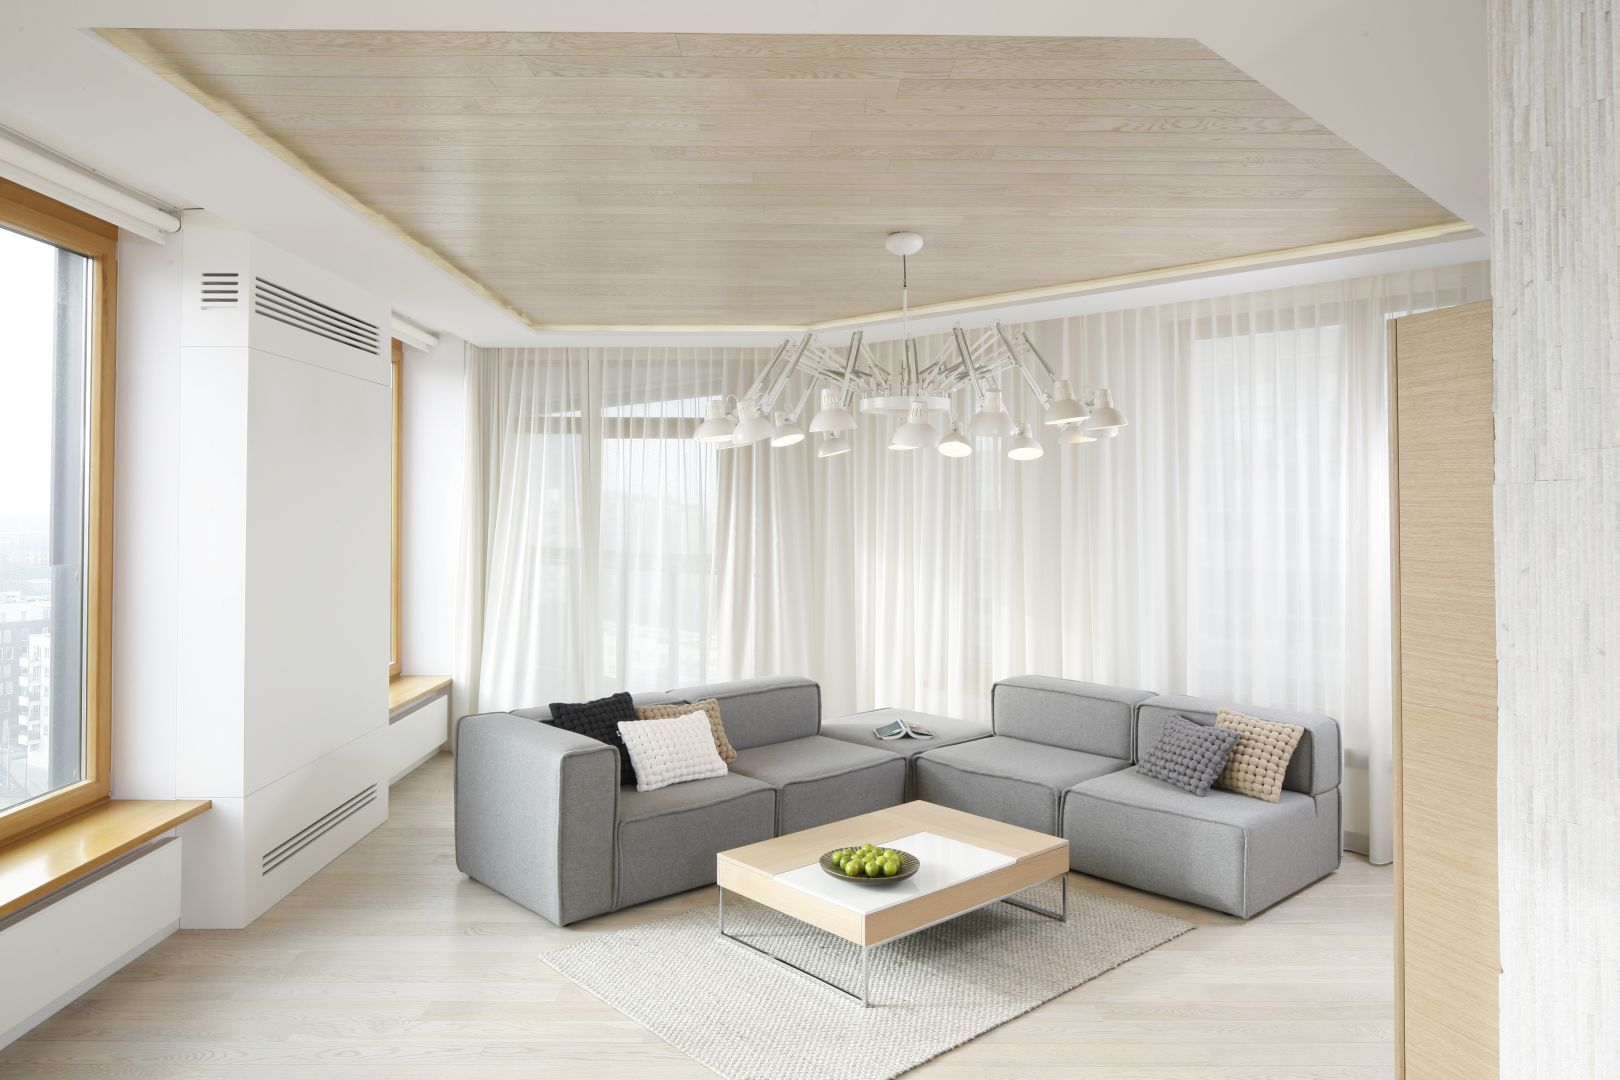 Sofa ustawiona w centralnym punkcie pokoju to rozwiązanie doskonałe do wnętrz urządzonych nowocześnie. W takim salonie nie powinno być w zasadzie innych mebli. Projekt: Maciej Brzostek. Fot. Bartosz Jarosz